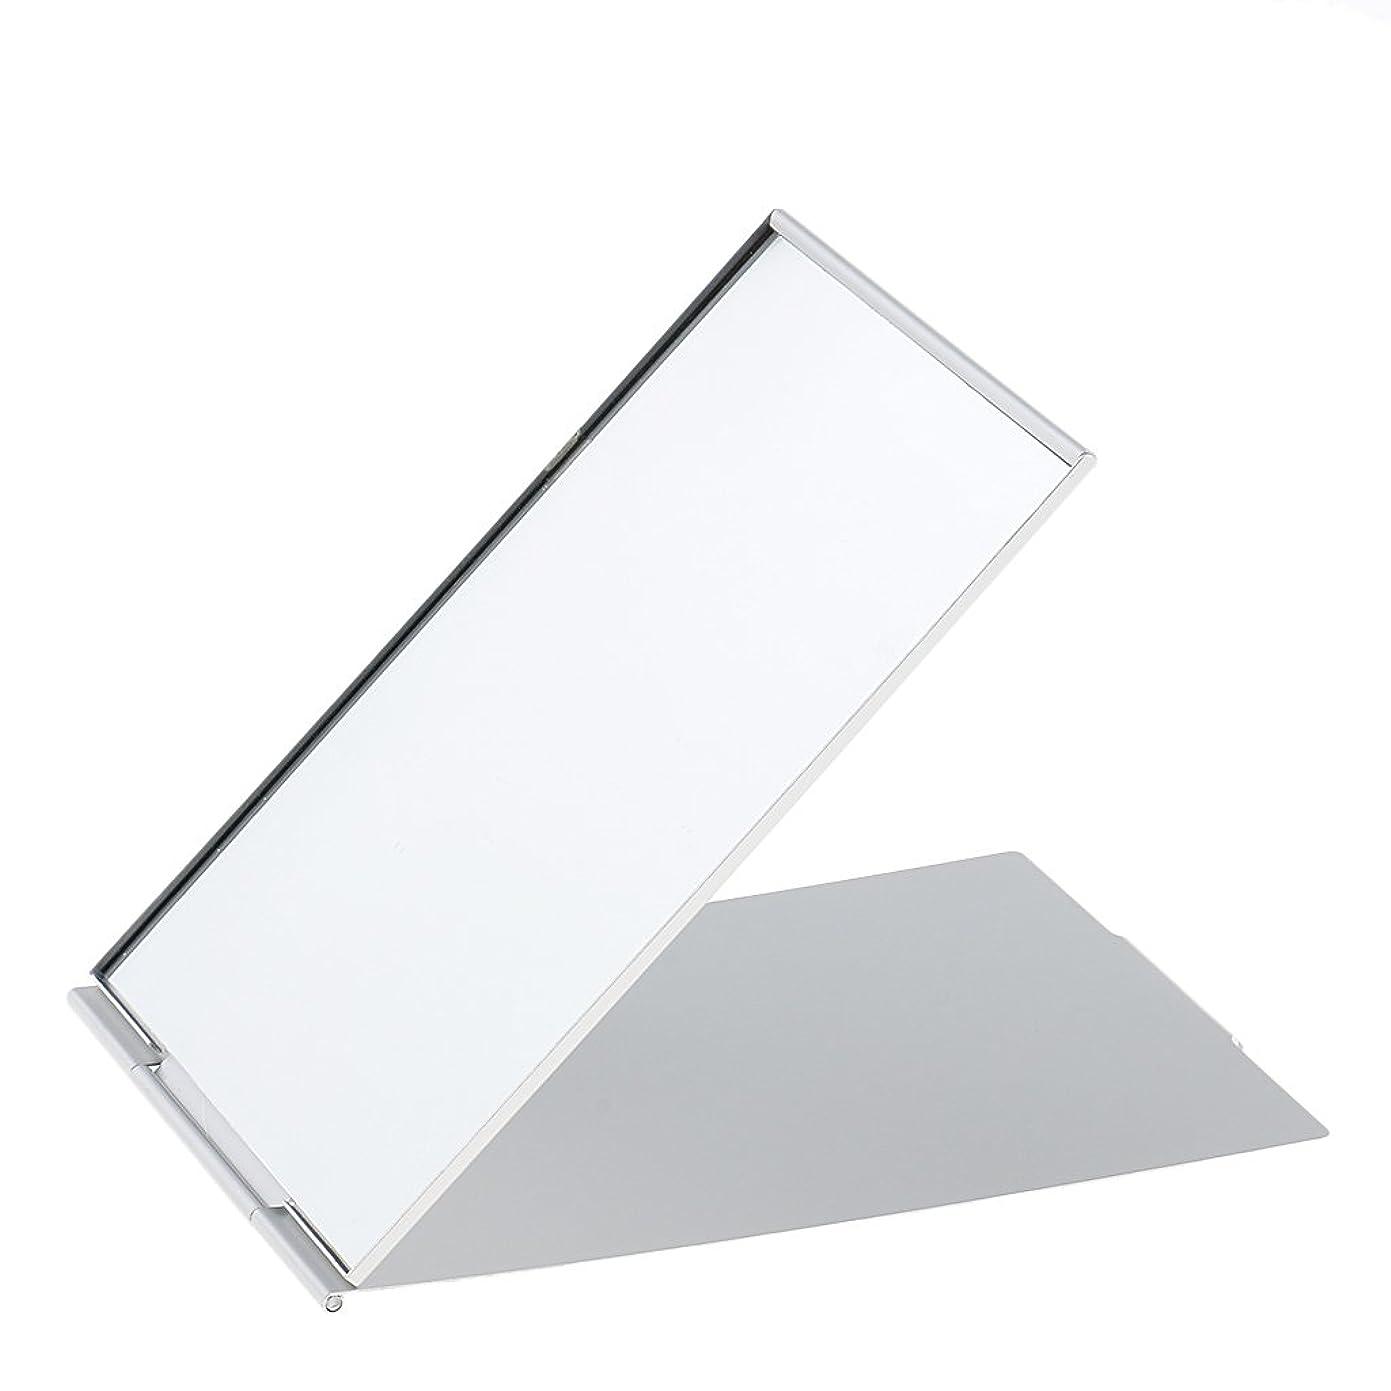 二週間スチュワーデス内なるPerfk メイクアップミラー 鏡 化粧鏡 ミニ ポータブル 折り畳み式 超軽量 シンプル ファッション デザイン シルバー 3サイズ選べる - #2